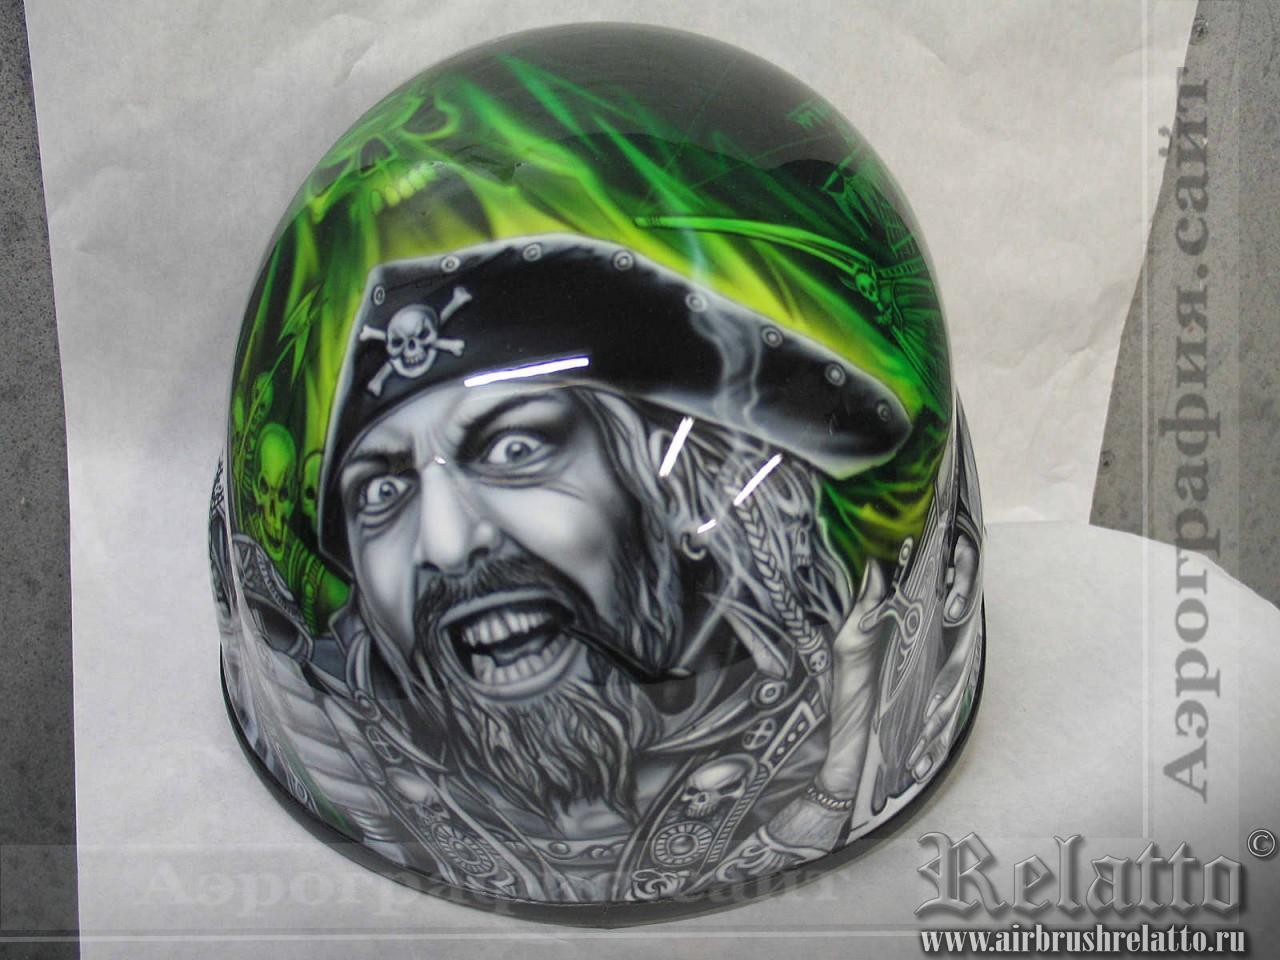 рисунок на шлем аэрография Белгород